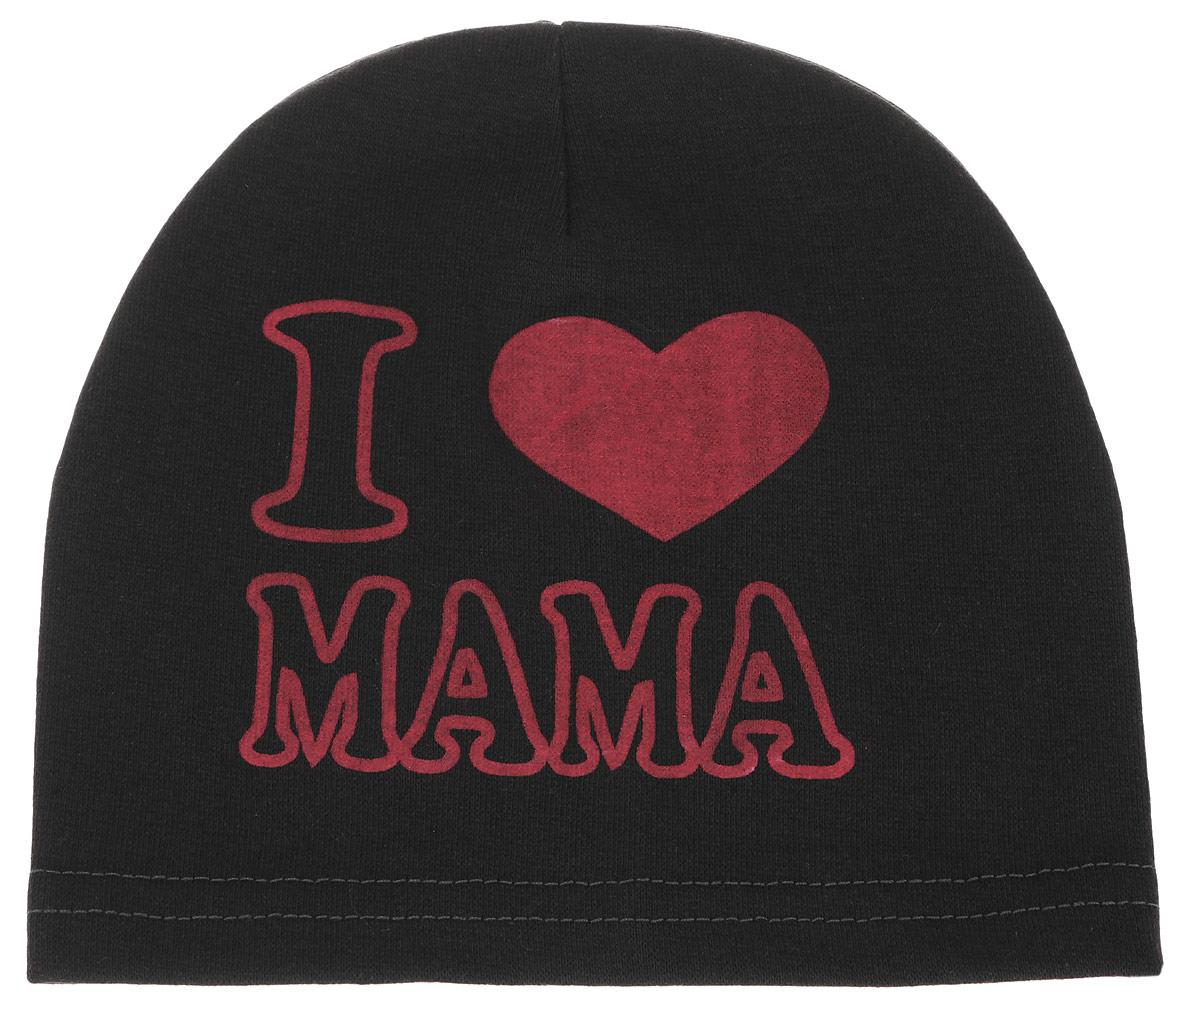 Шапка для мальчика. 176-22176-22-1Шапка для мальчика InFante станет стильным дополнением к детскому гардеробу. Шапка выполнена из натурального хлопка, мягкая и приятная на ощупь, идеально прилегает к голове. Изделие украшено термоаппликацией в виде надписи I Love Mama. Современный дизайн и расцветка делают эту шапку модным детским аксессуаром. В такой шапке ребенок будет чувствовать себя уютно, комфортно и всегда будет в центре внимания! Шапка для мальчика InFante станет стильным дополнением к детскому гардеробу. Шапка выполнена из натурального хлопка, мягкая и приятная на ощупь, идеально прилегает к голове. Изделие украшено термоаппликацией в виде надписи I Love Mama. Современный дизайн и расцветка делают эту шапку модным детским аксессуаром. В такой шапке ребенок будет чувствовать себя уютно, комфортно и всегда будет в центре внимания! Уважаемые клиенты! Размер, доступный для заказа, является обхватом головы.